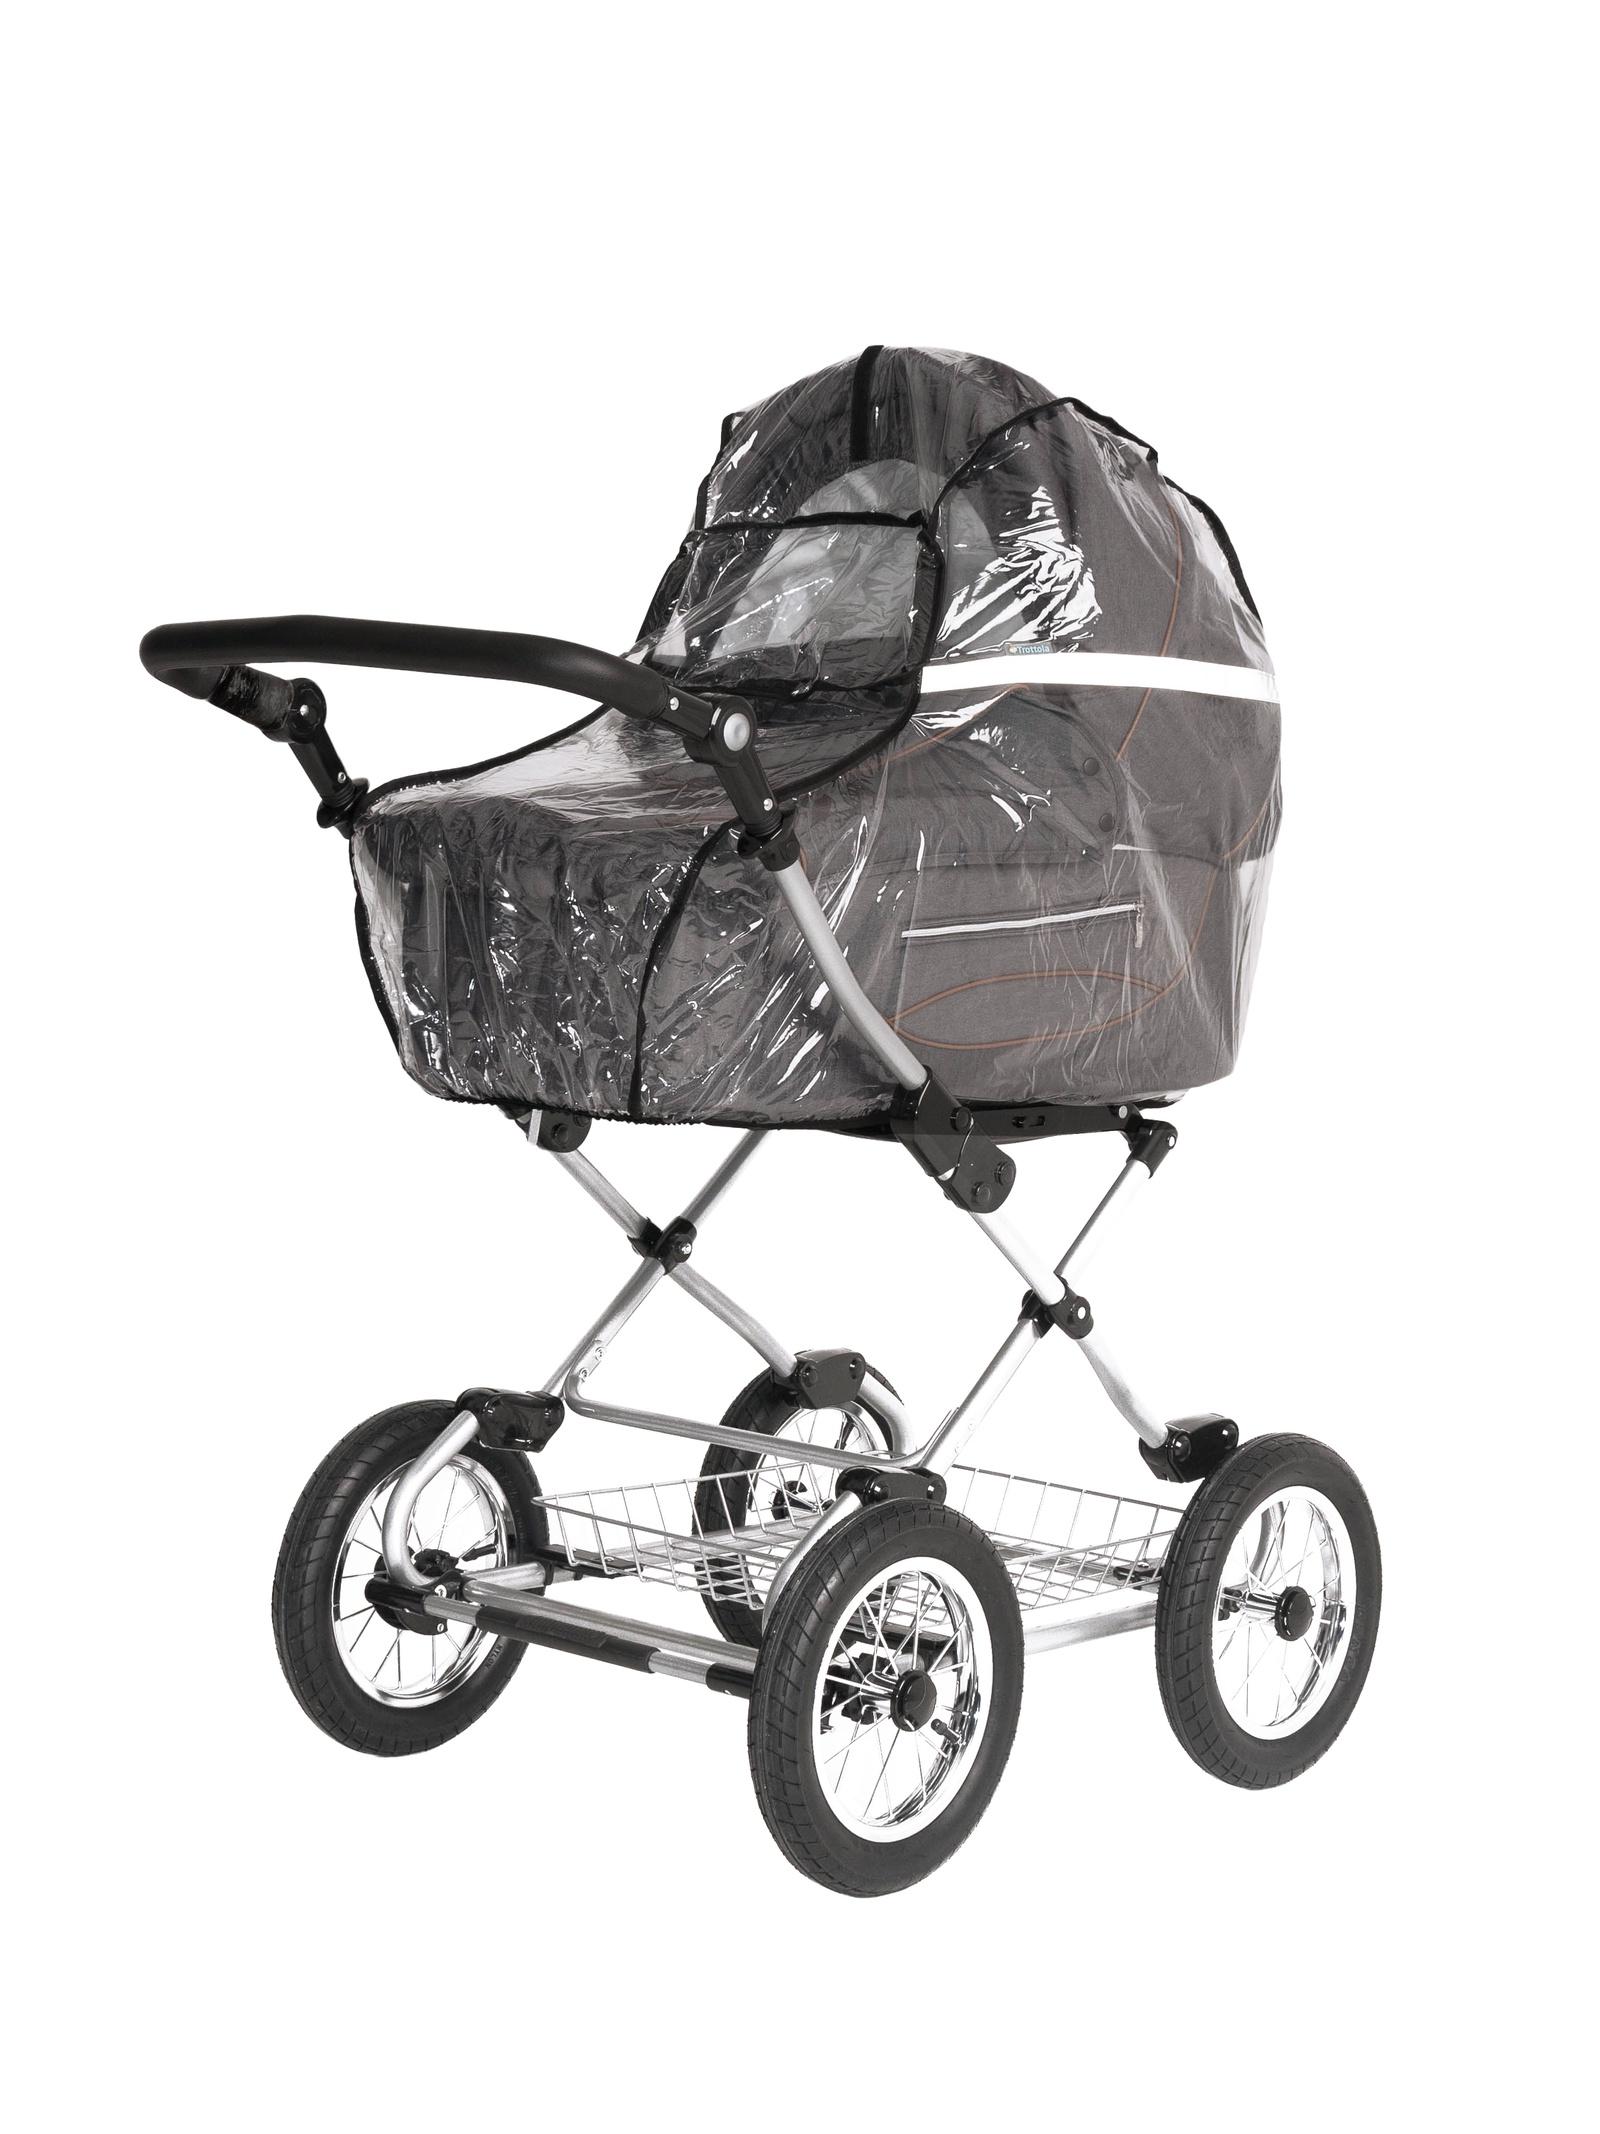 Аксессуар для колясок Trottola Дождевик на коляску люльку со светоотражением REFLECT PLUS CLASSIC прозрачный цена